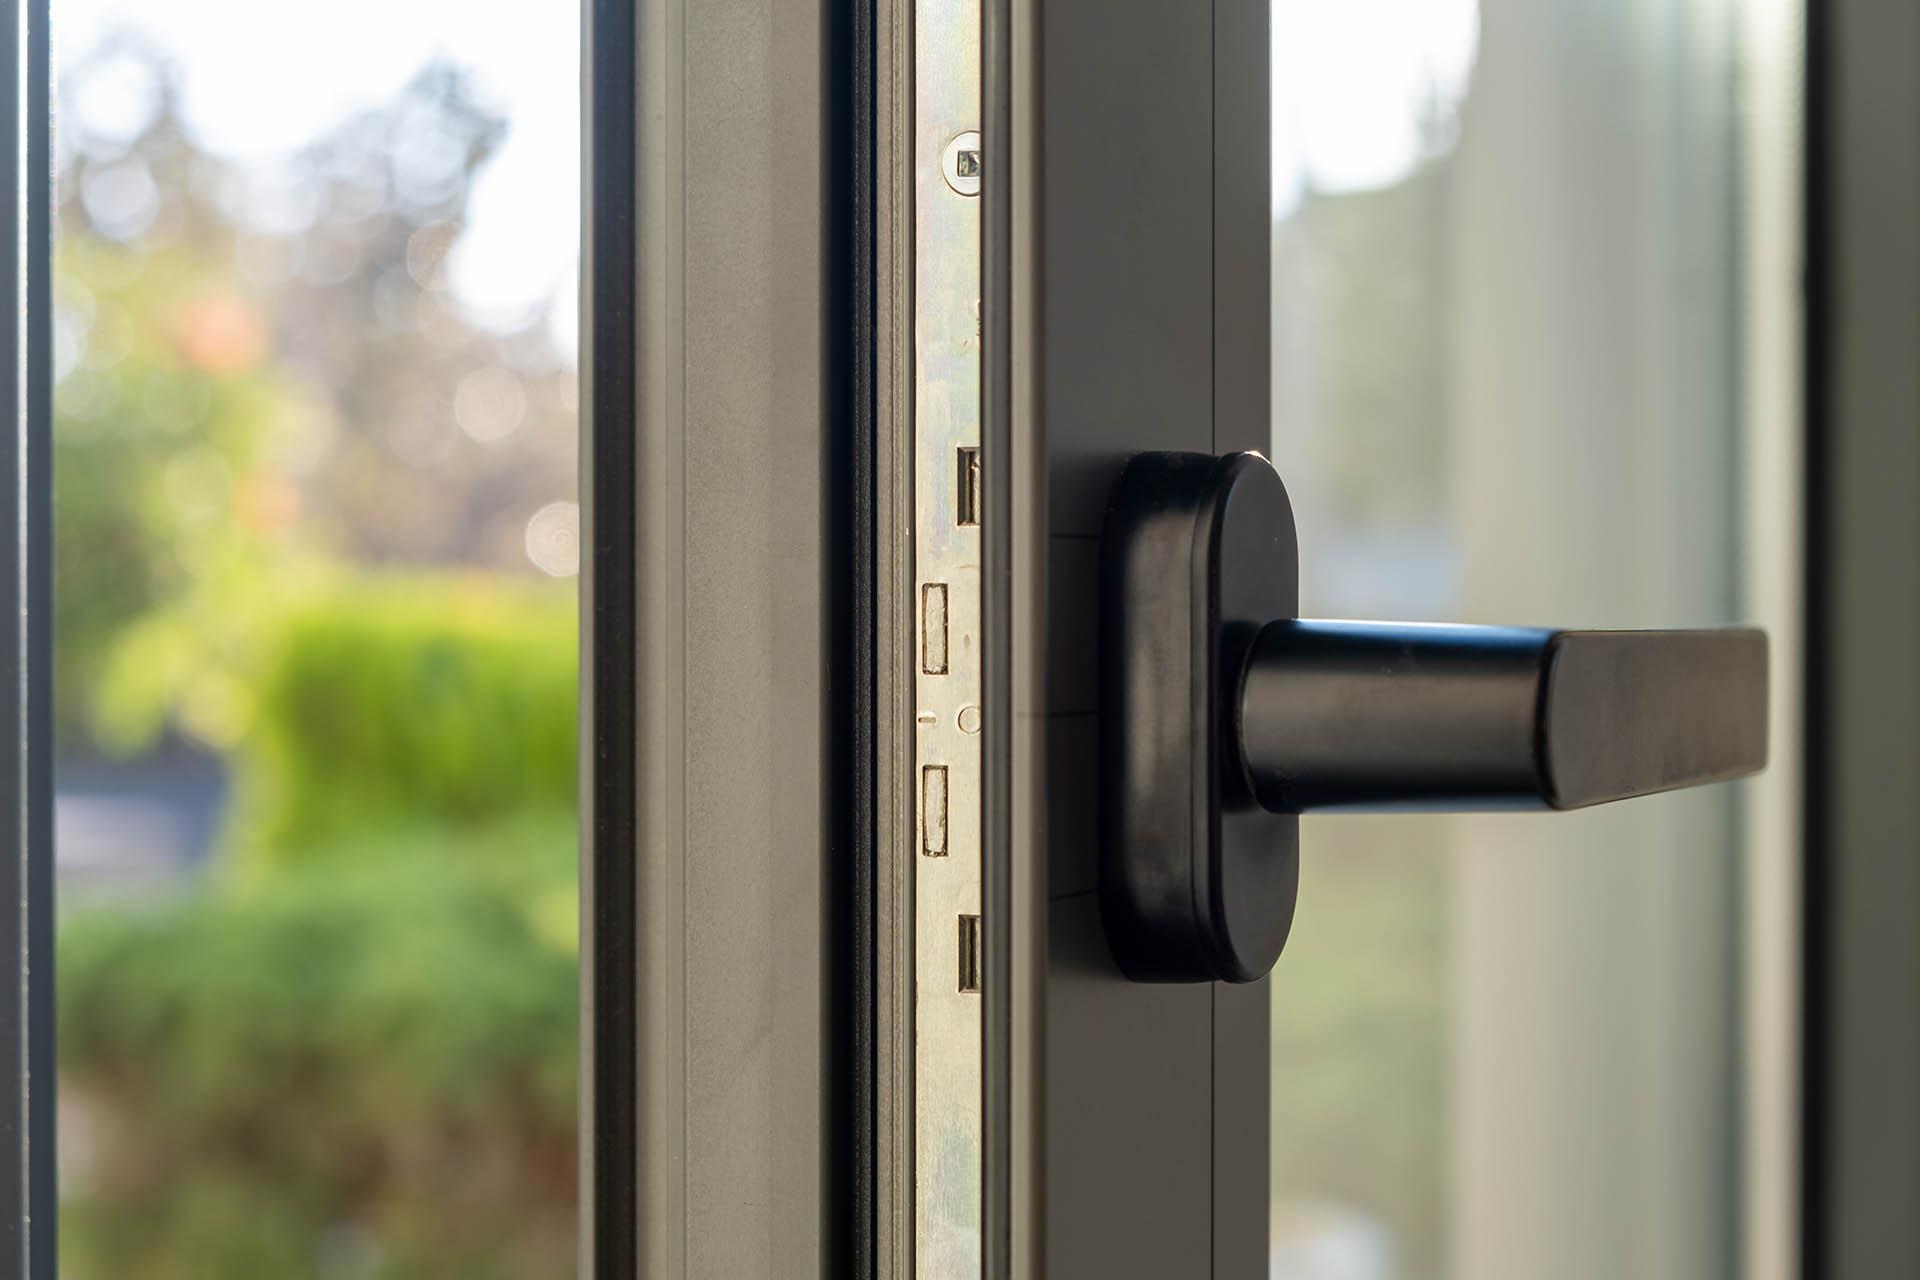 Quels sont les avantages d'une fenêtre en aluminium?